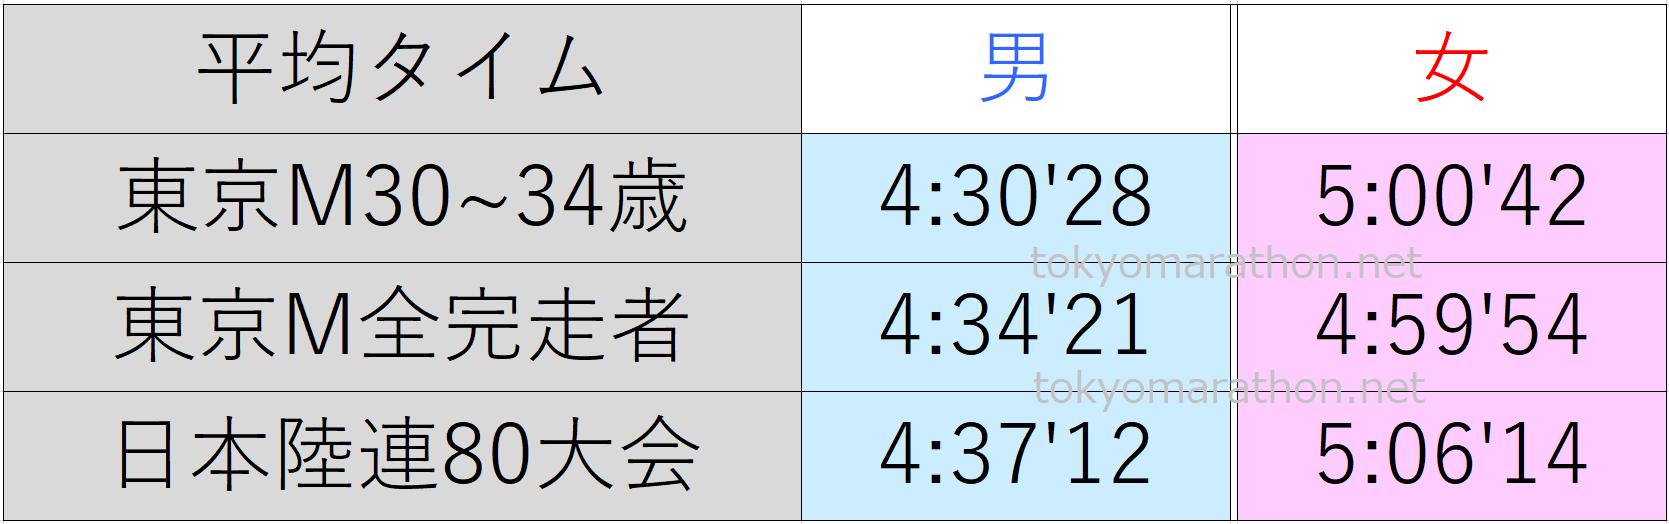 東京マラソン30~34歳の平均タイム、東京マラソン全ランナーの平均タイム、日本陸連公認の80大会の平均タイム一覧表。すべて男女別にまとめた画像です。